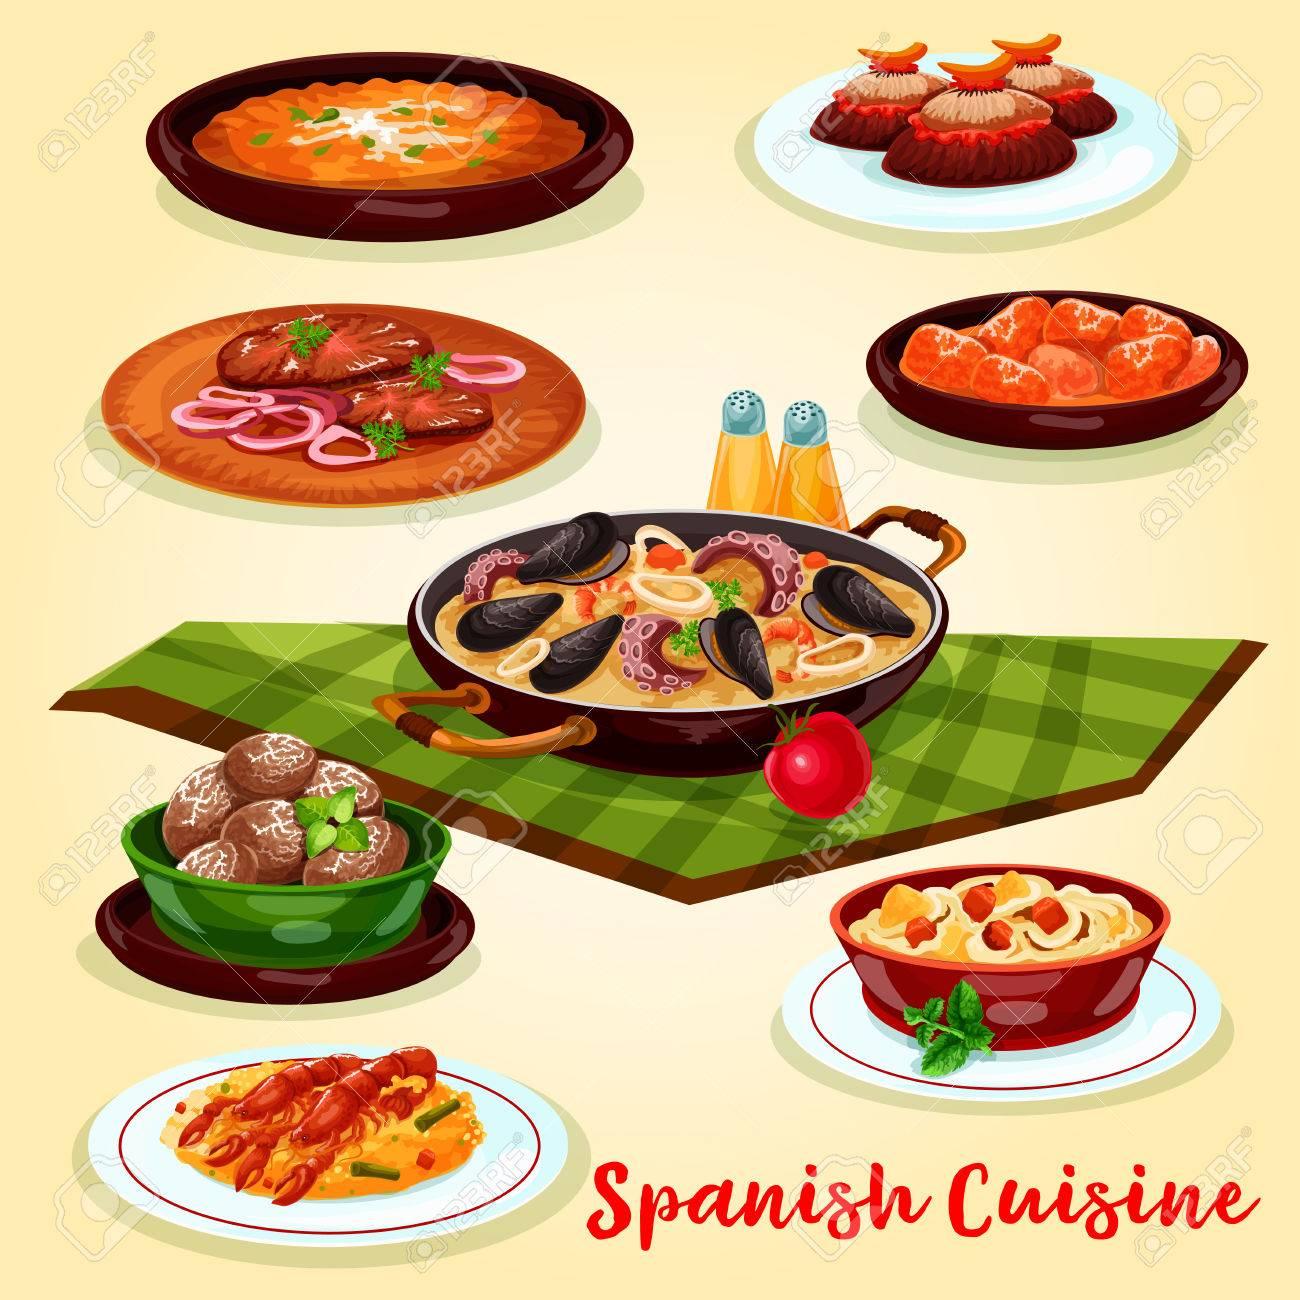 Spanische Küche Abendessen Menü Cartoon Poster. Meeresfrüchte Und ...